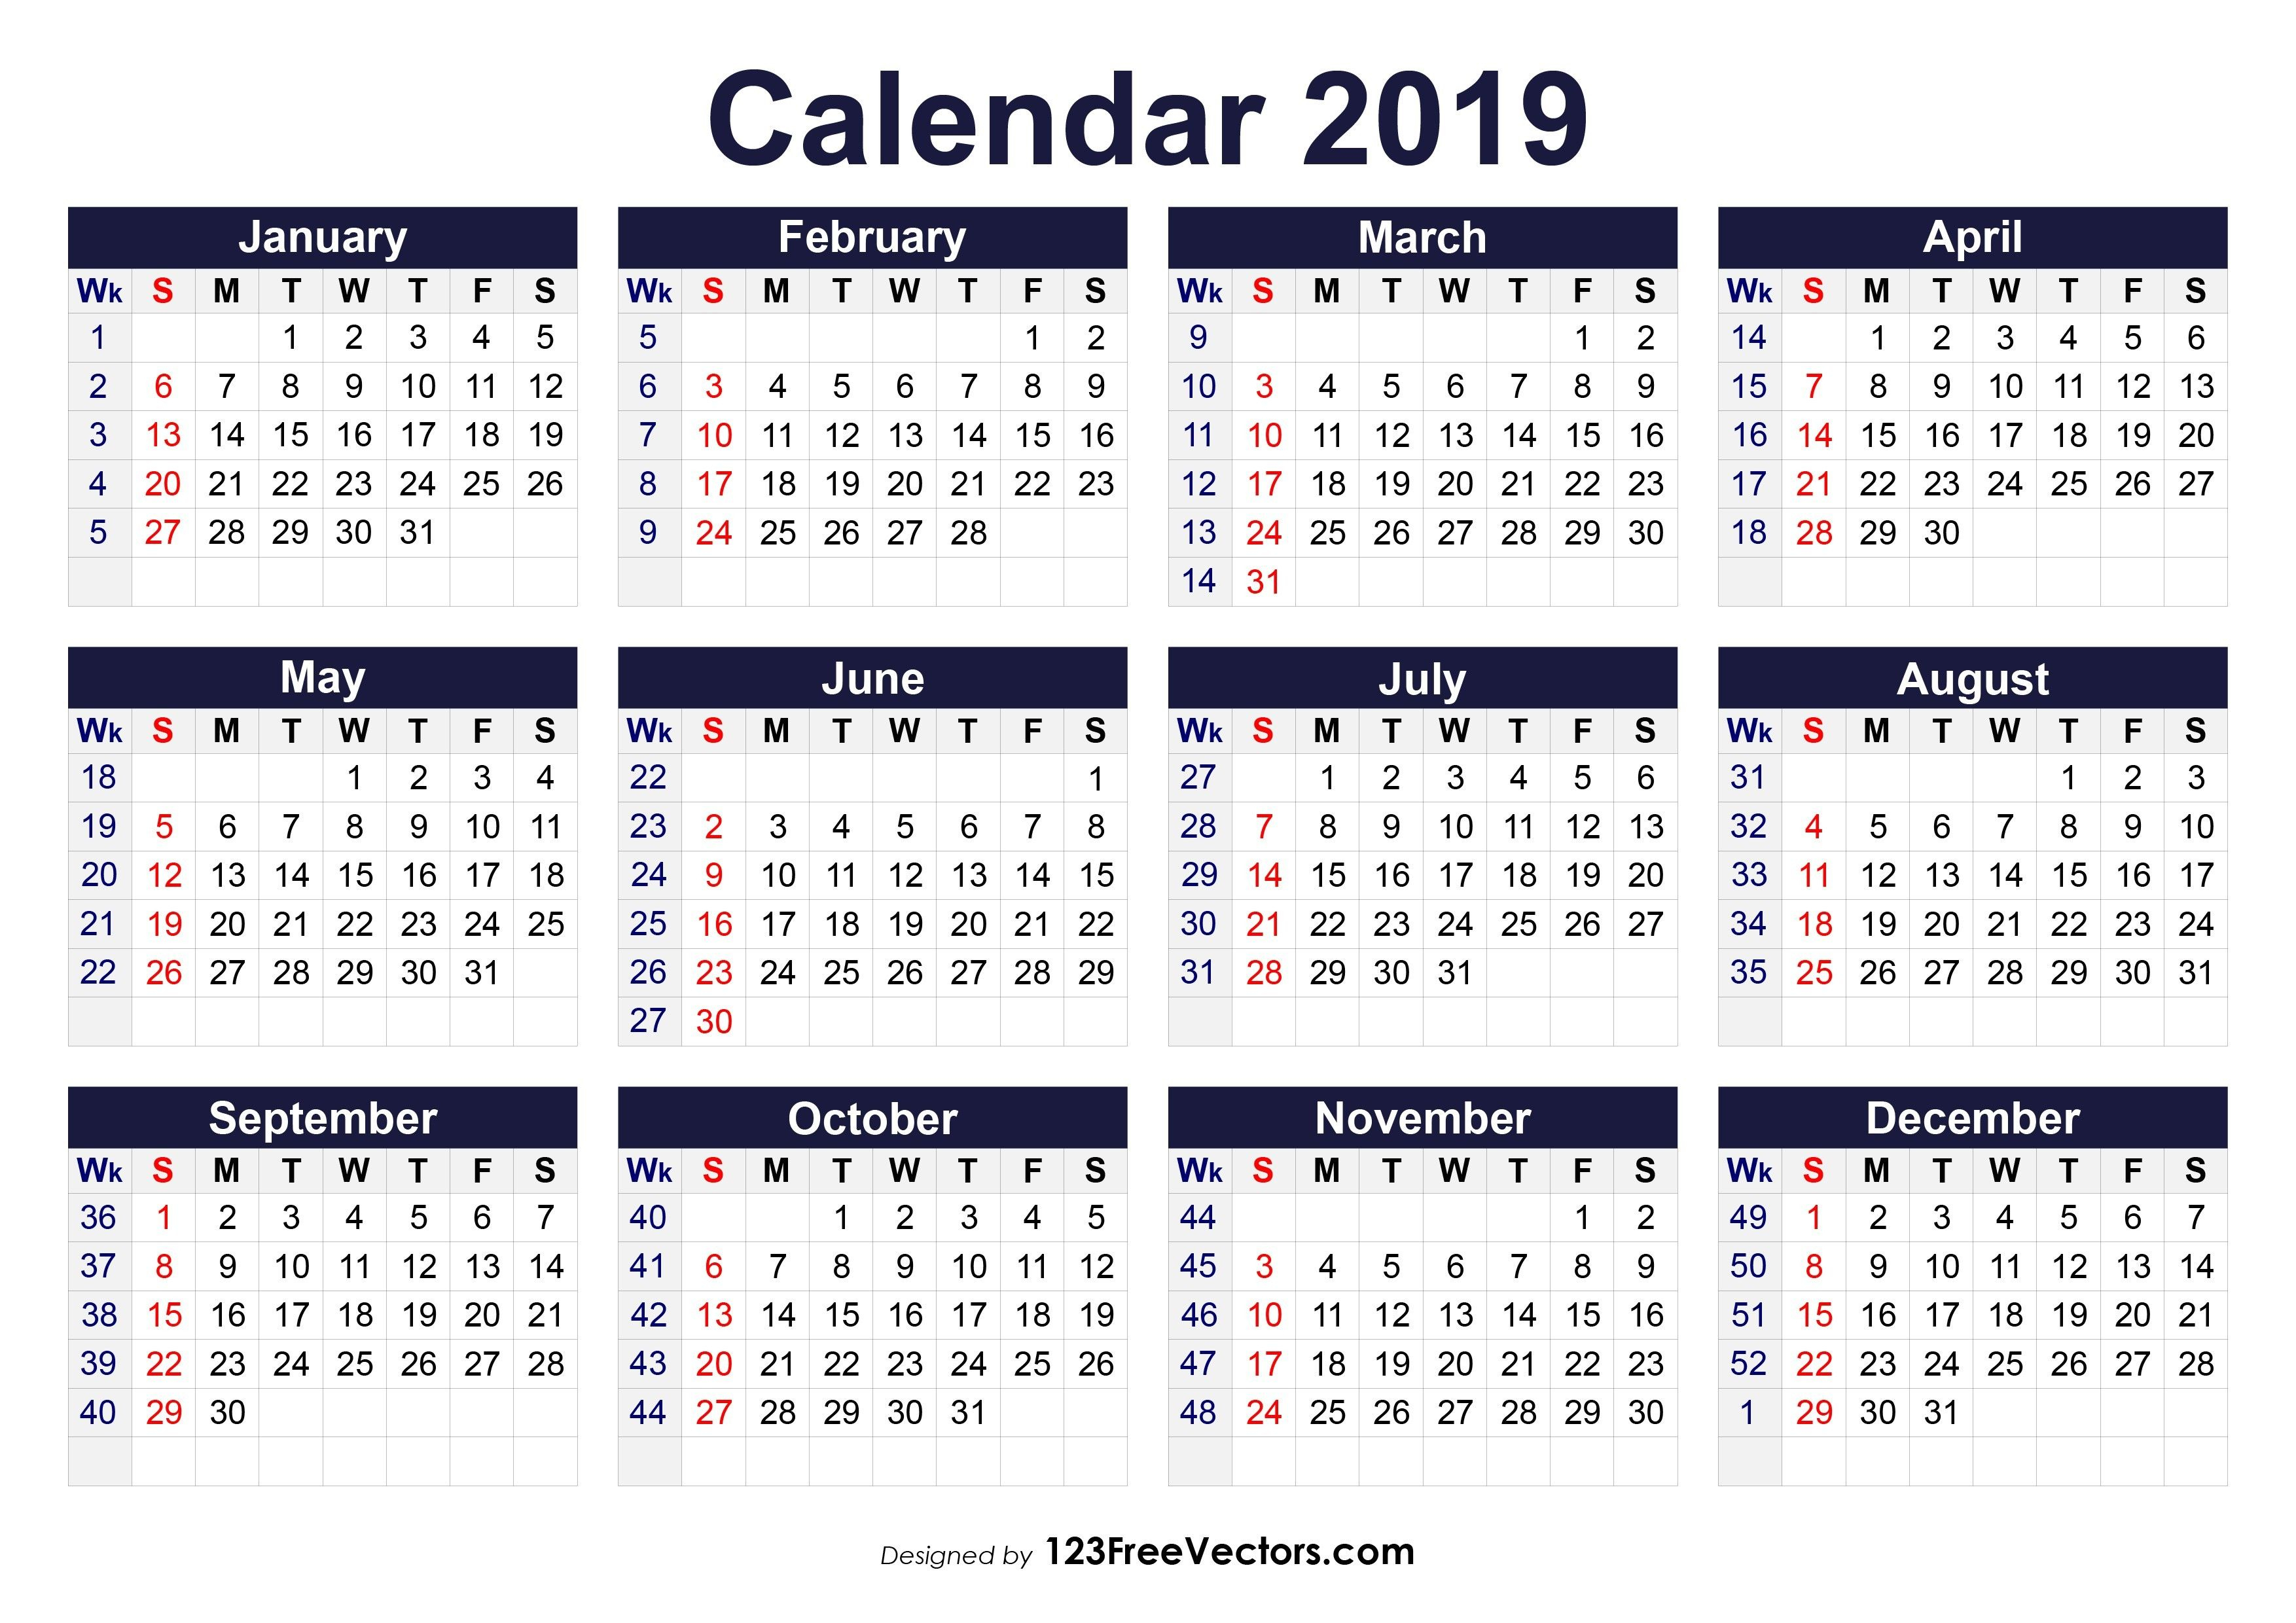 Printable 2019 Calendar With Week Numbers Free Download 2019 within Yearly Week Number Calendar Excel